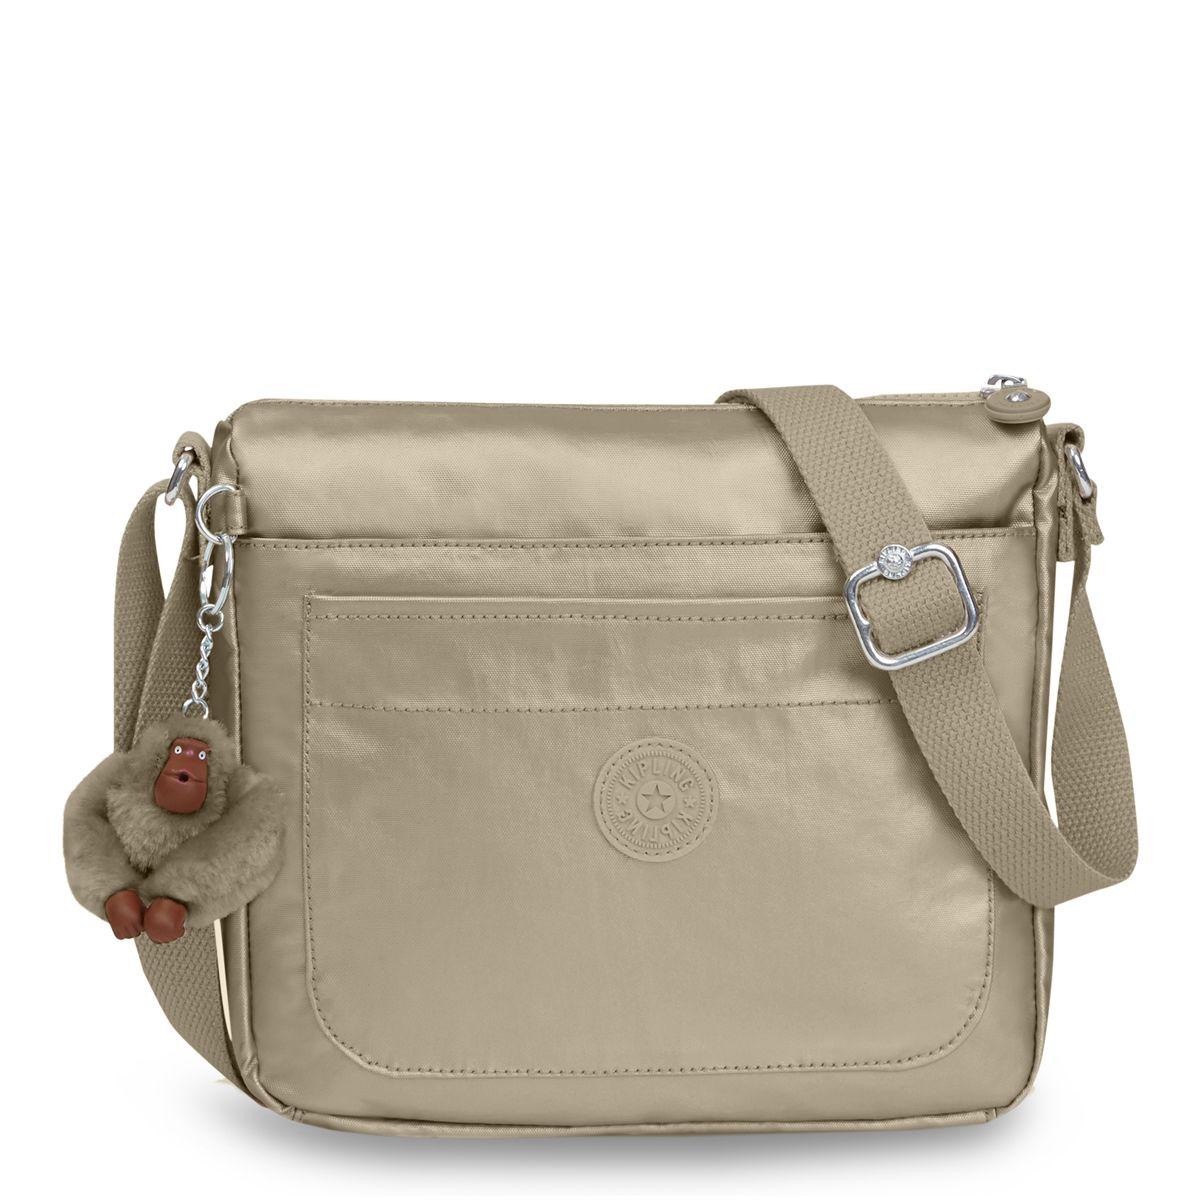 a22ad4c3db Kipling Handbags